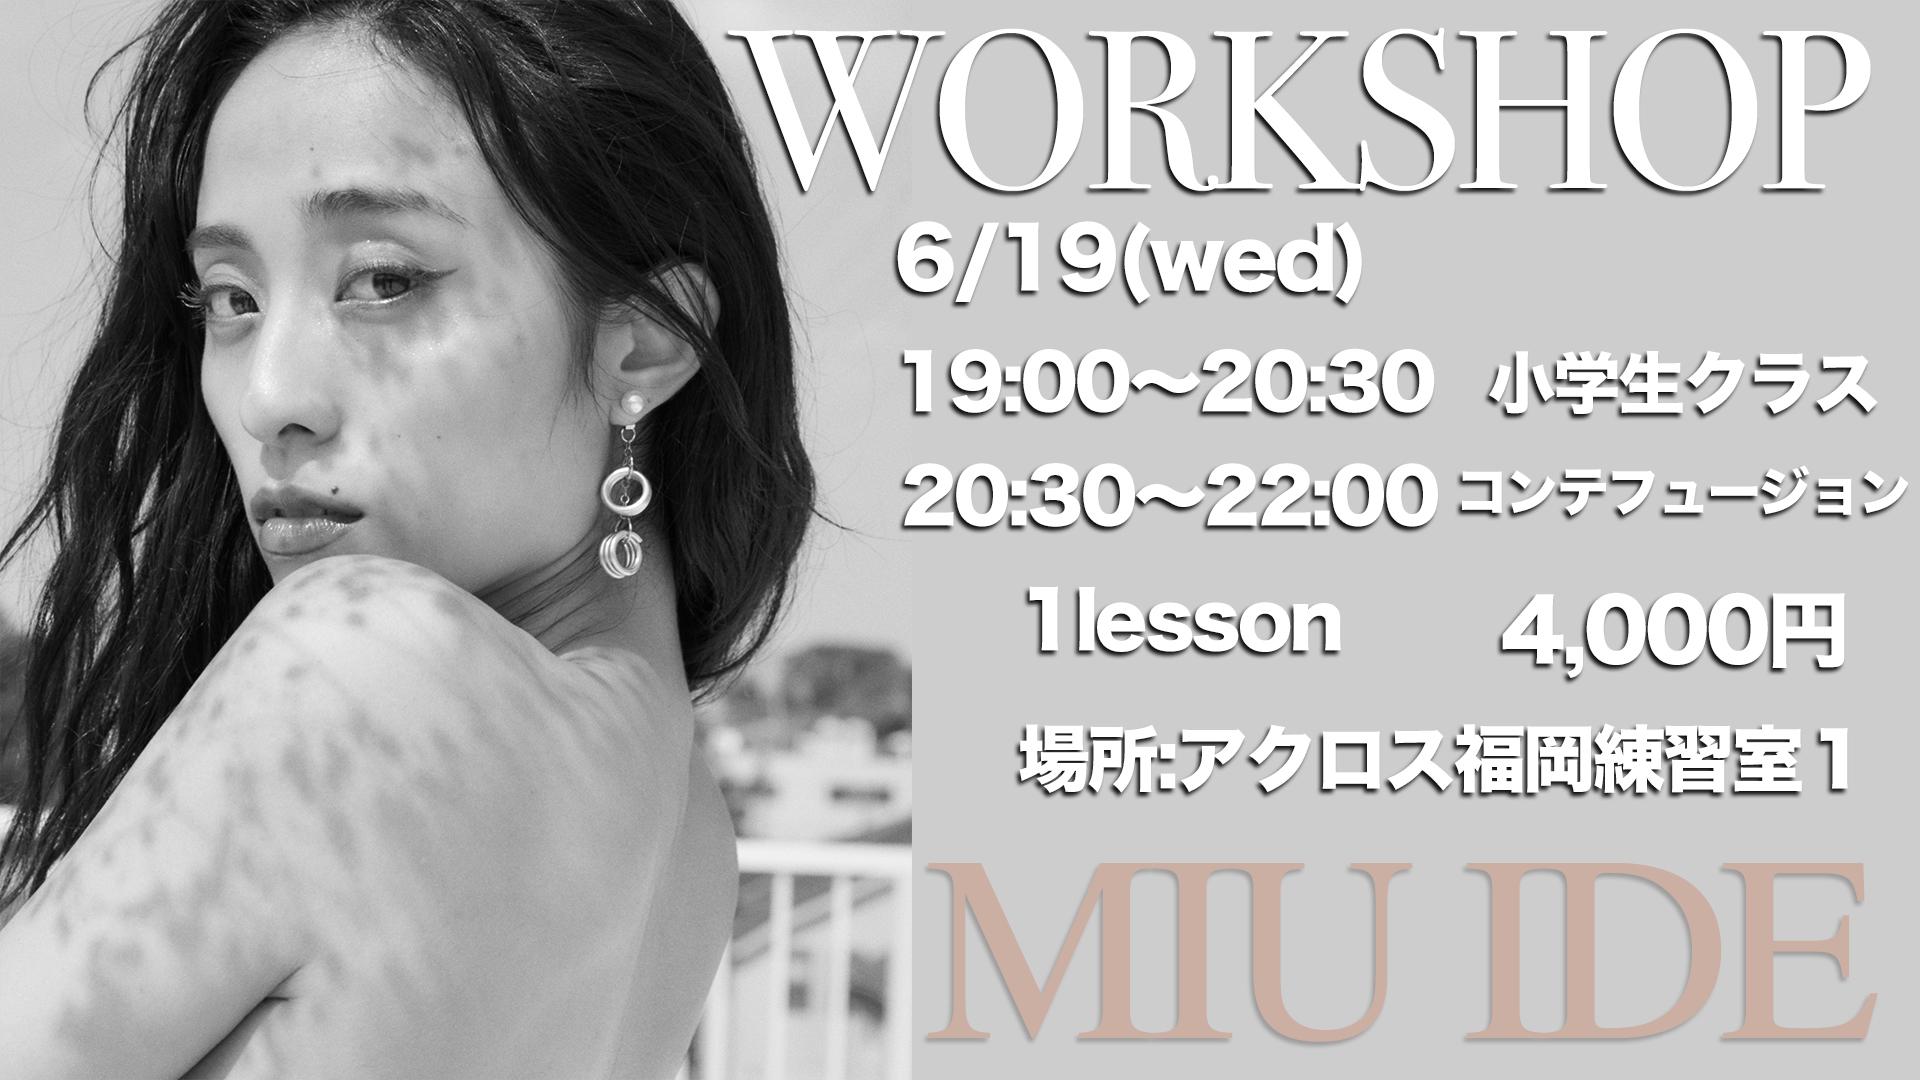 多彩なアーティストのダンサーとして活躍中であるMIU IDEのWS開催!福岡でダンスのプロを目指したい方は必見!